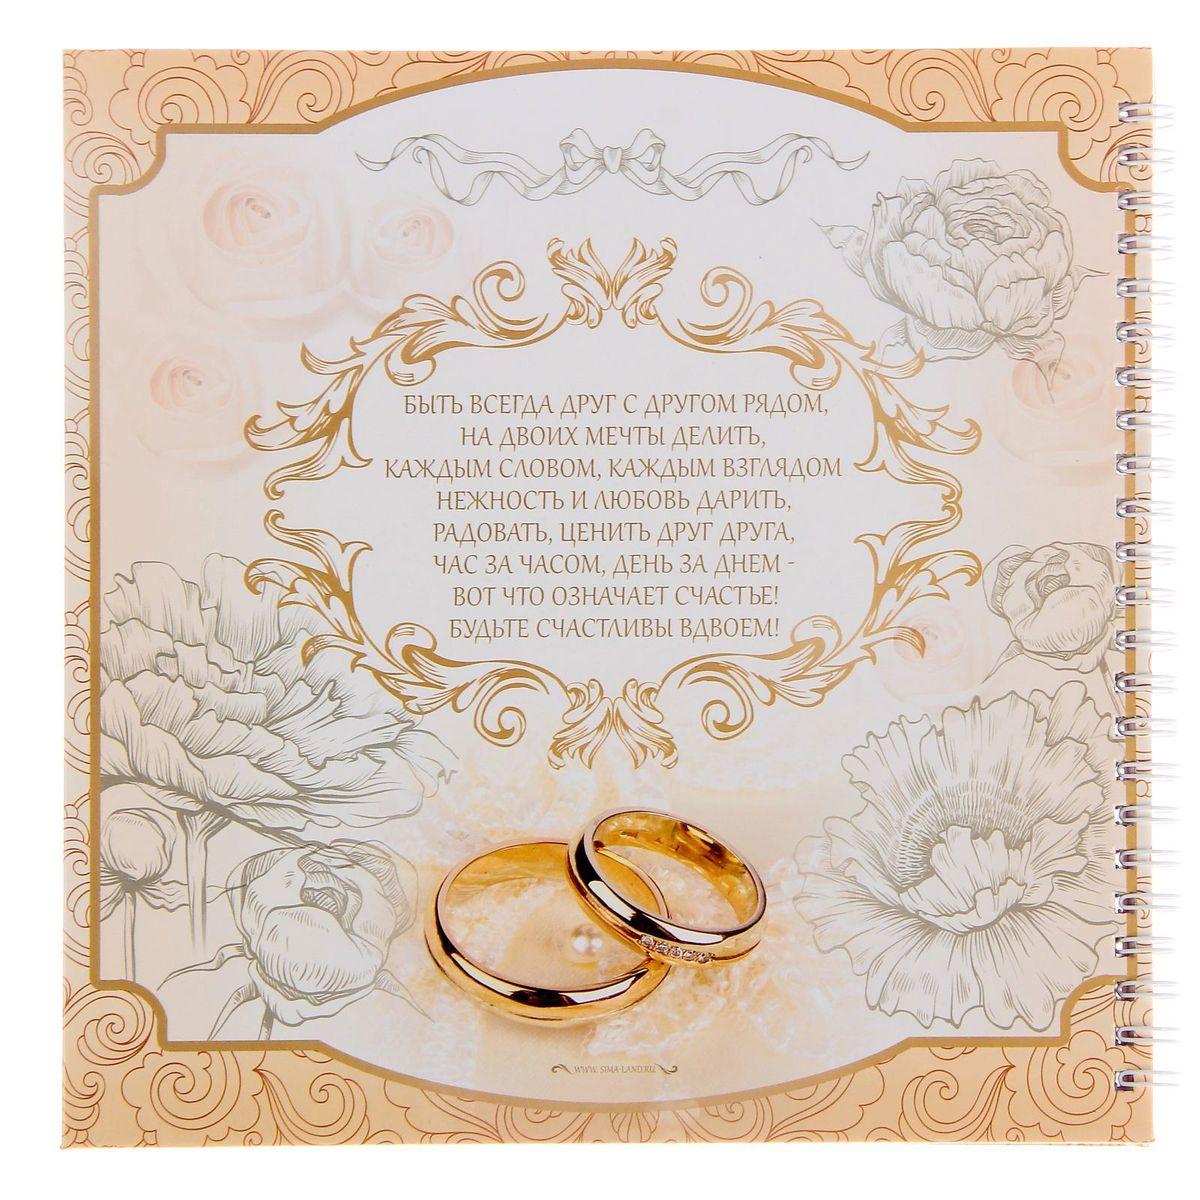 Поздравления со свадьбой от родителей молодоженам